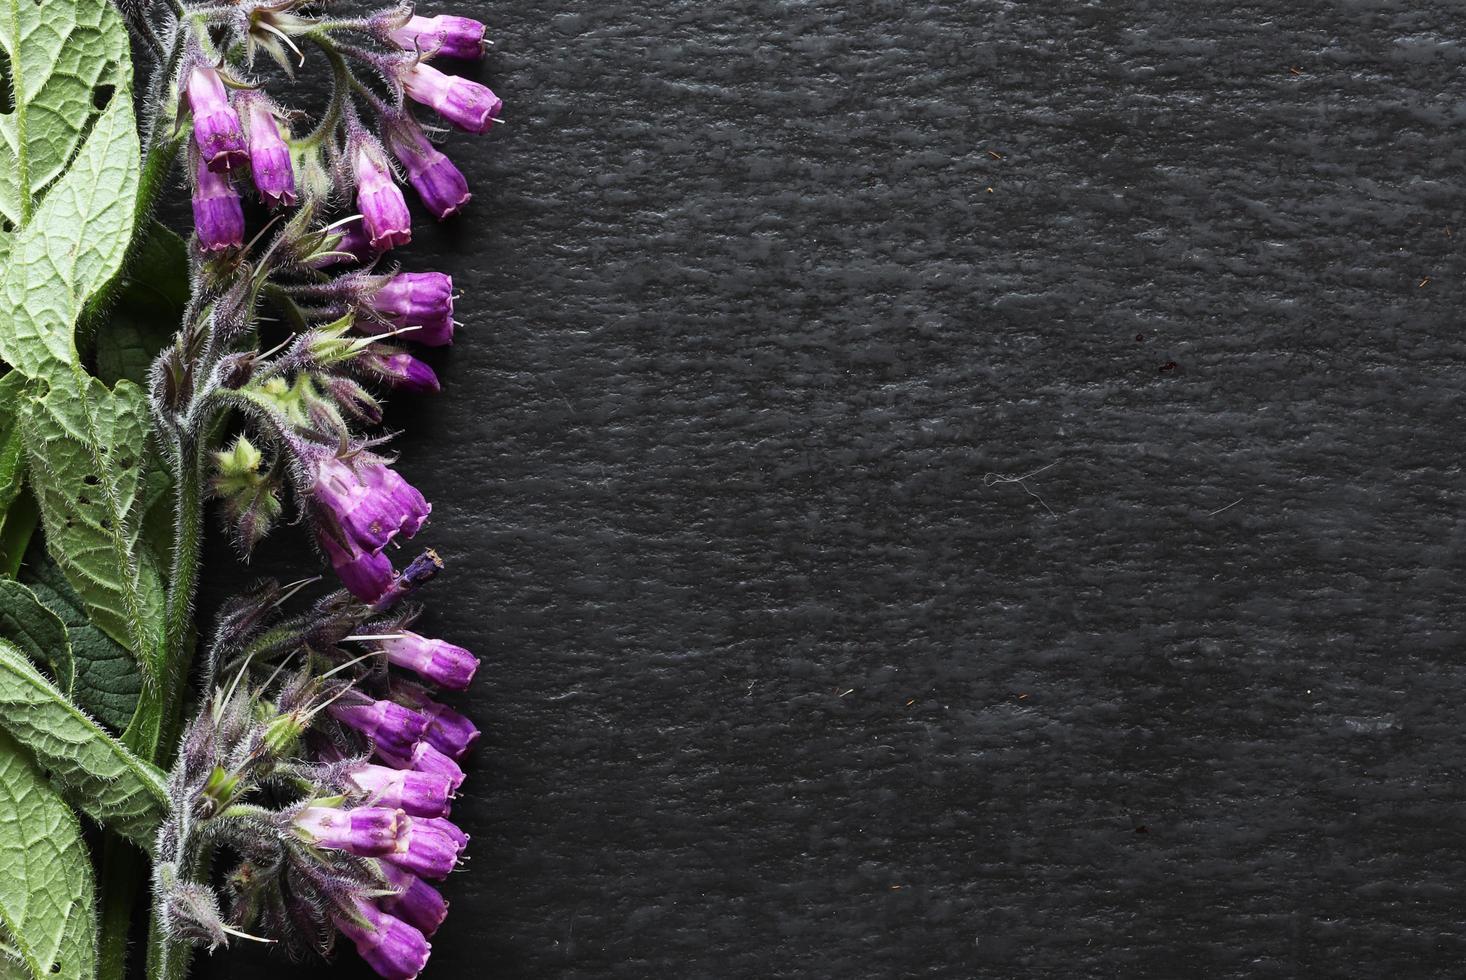 Fotografie von Beinwellblumen auf Schieferhintergrund foto